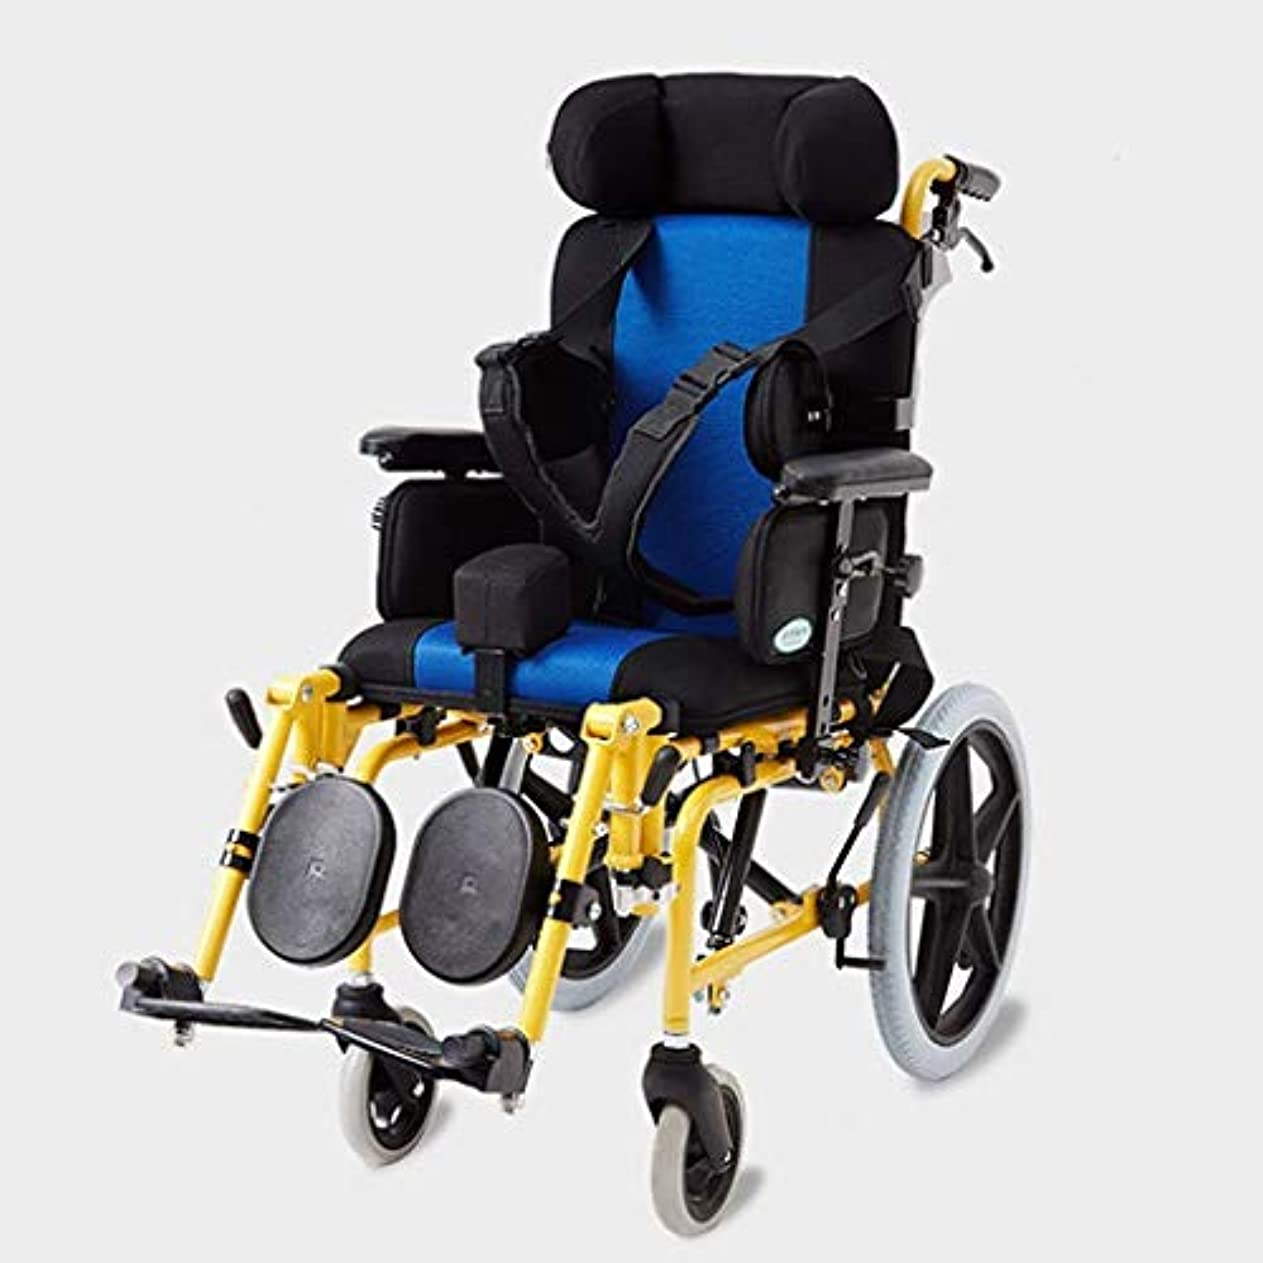 練る去る回想車いす多機能フル?レイ/セミ横たわっデザイン、マニュアル脳性麻痺、子供、軽量折りたたみ交通旅行自走式ウォーカー